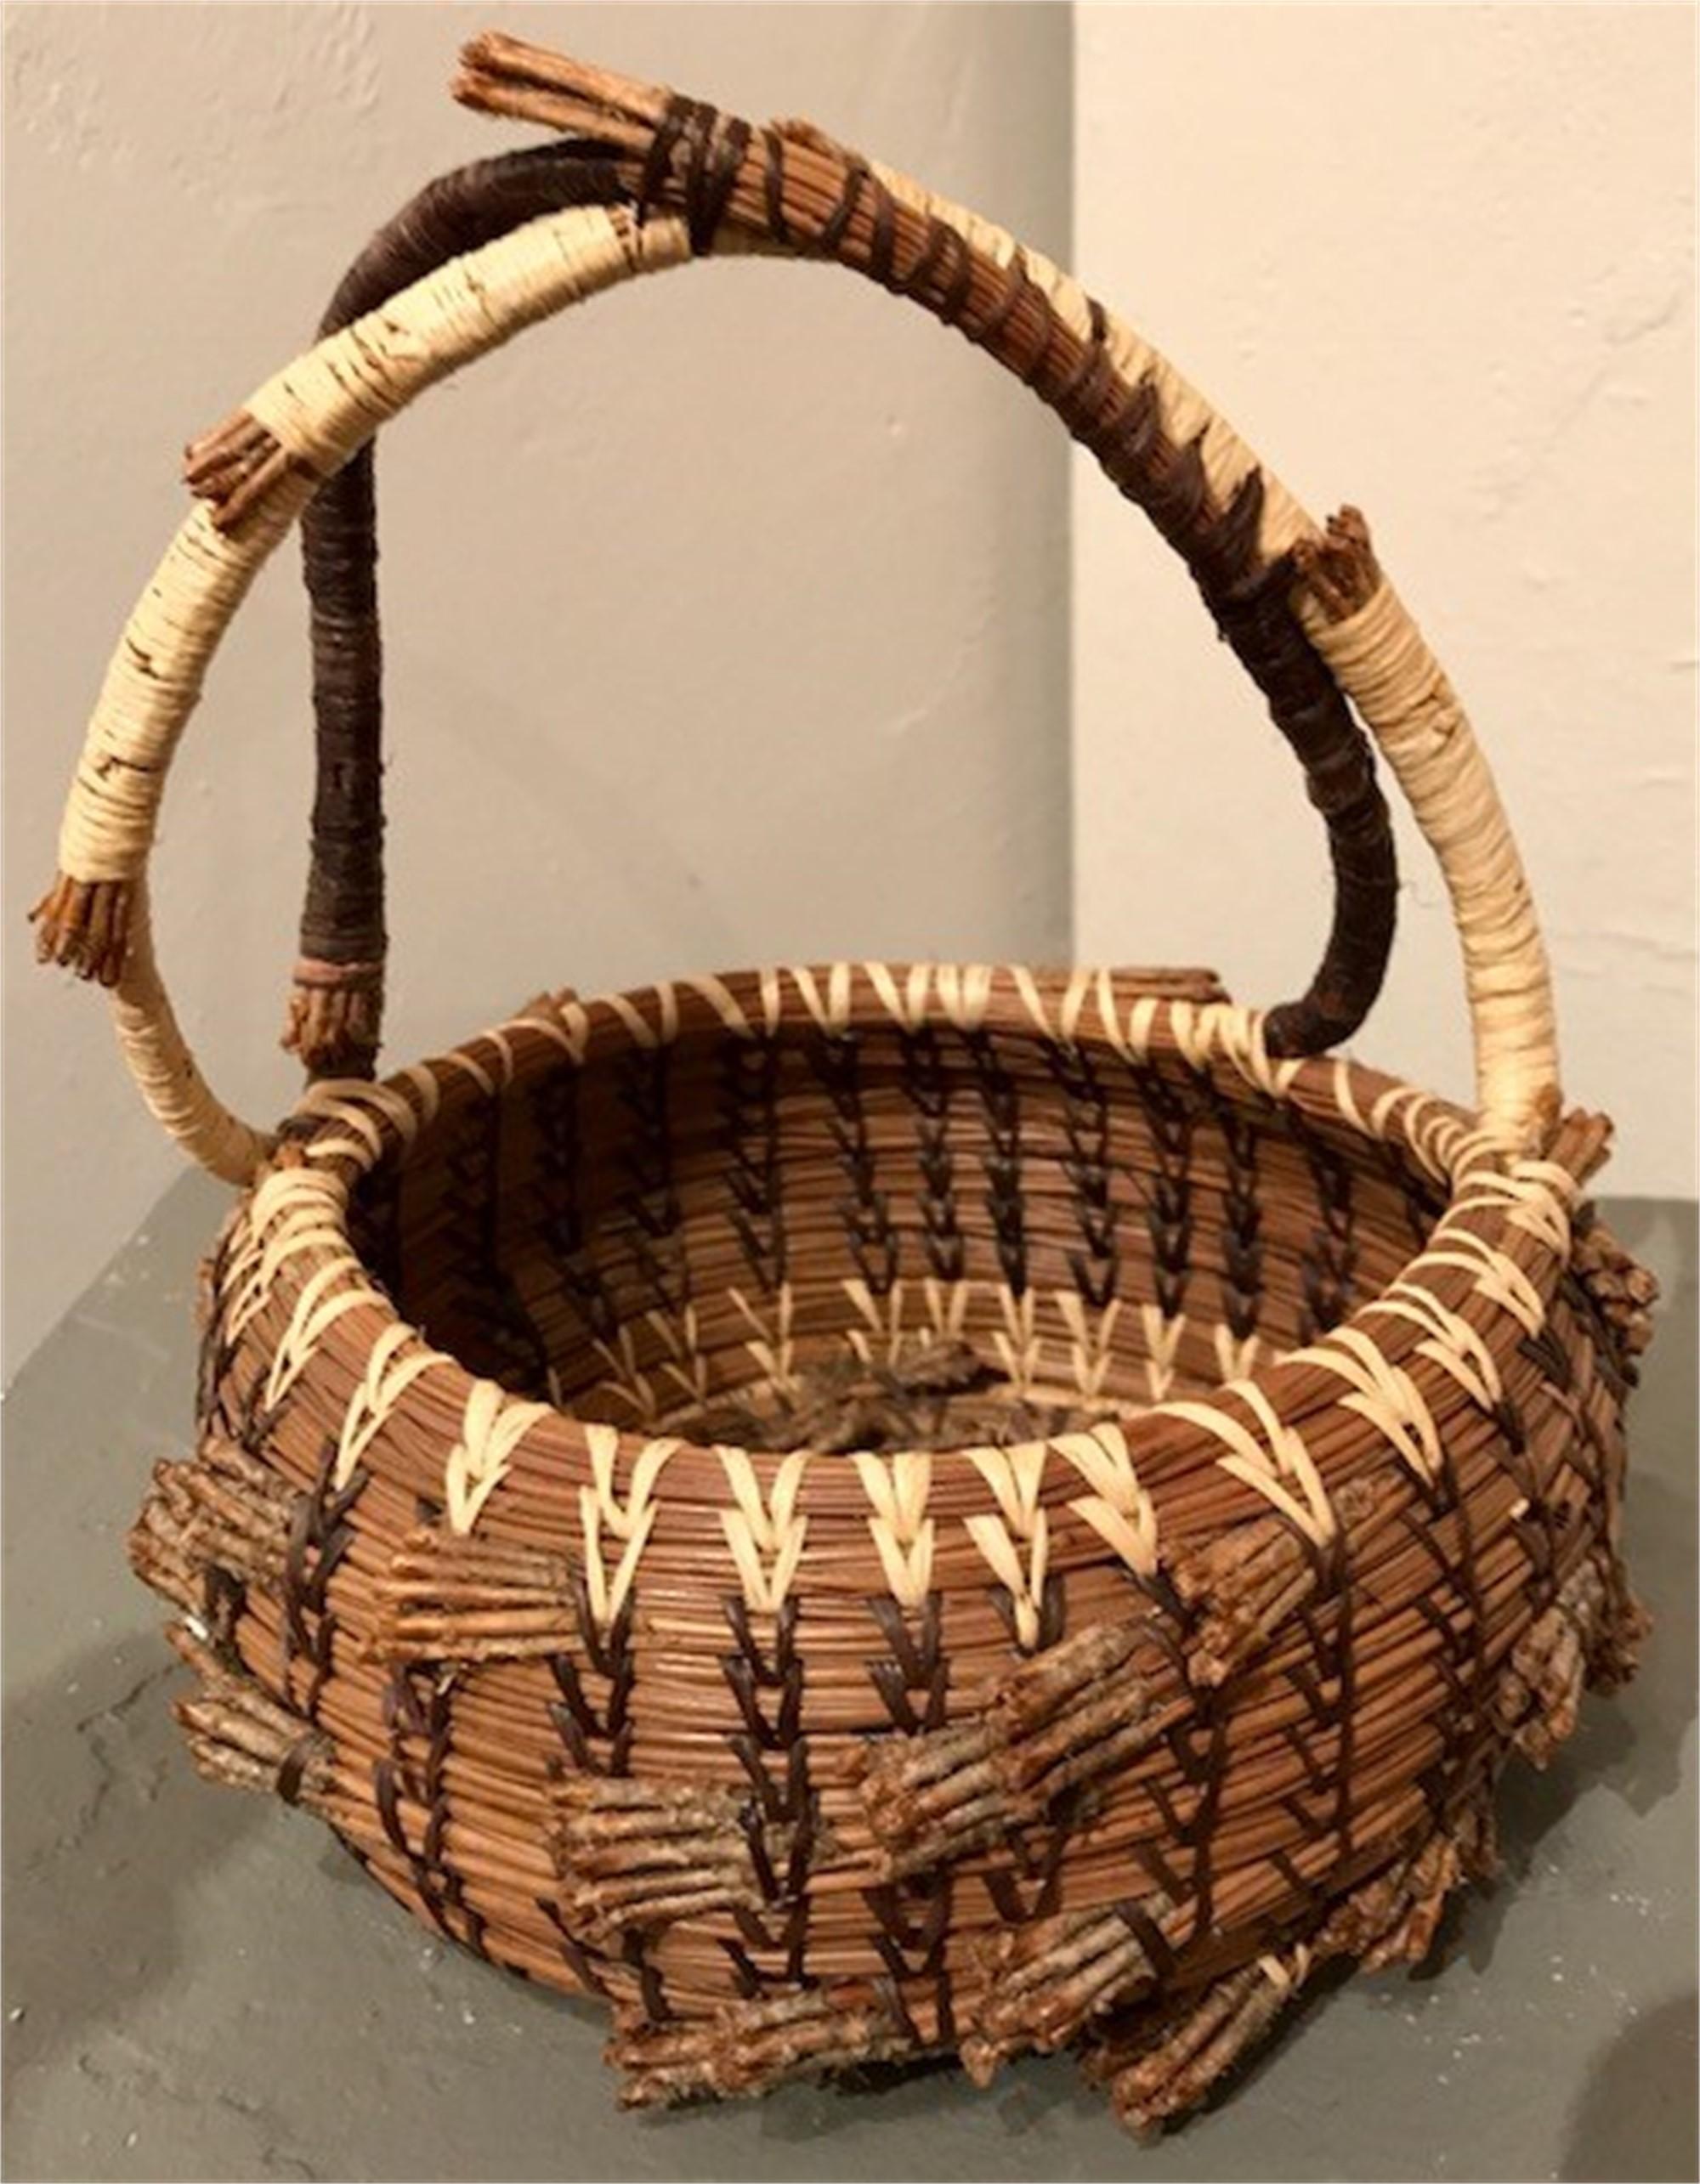 Pine Needle Double Handle Basket by Nancy Basket